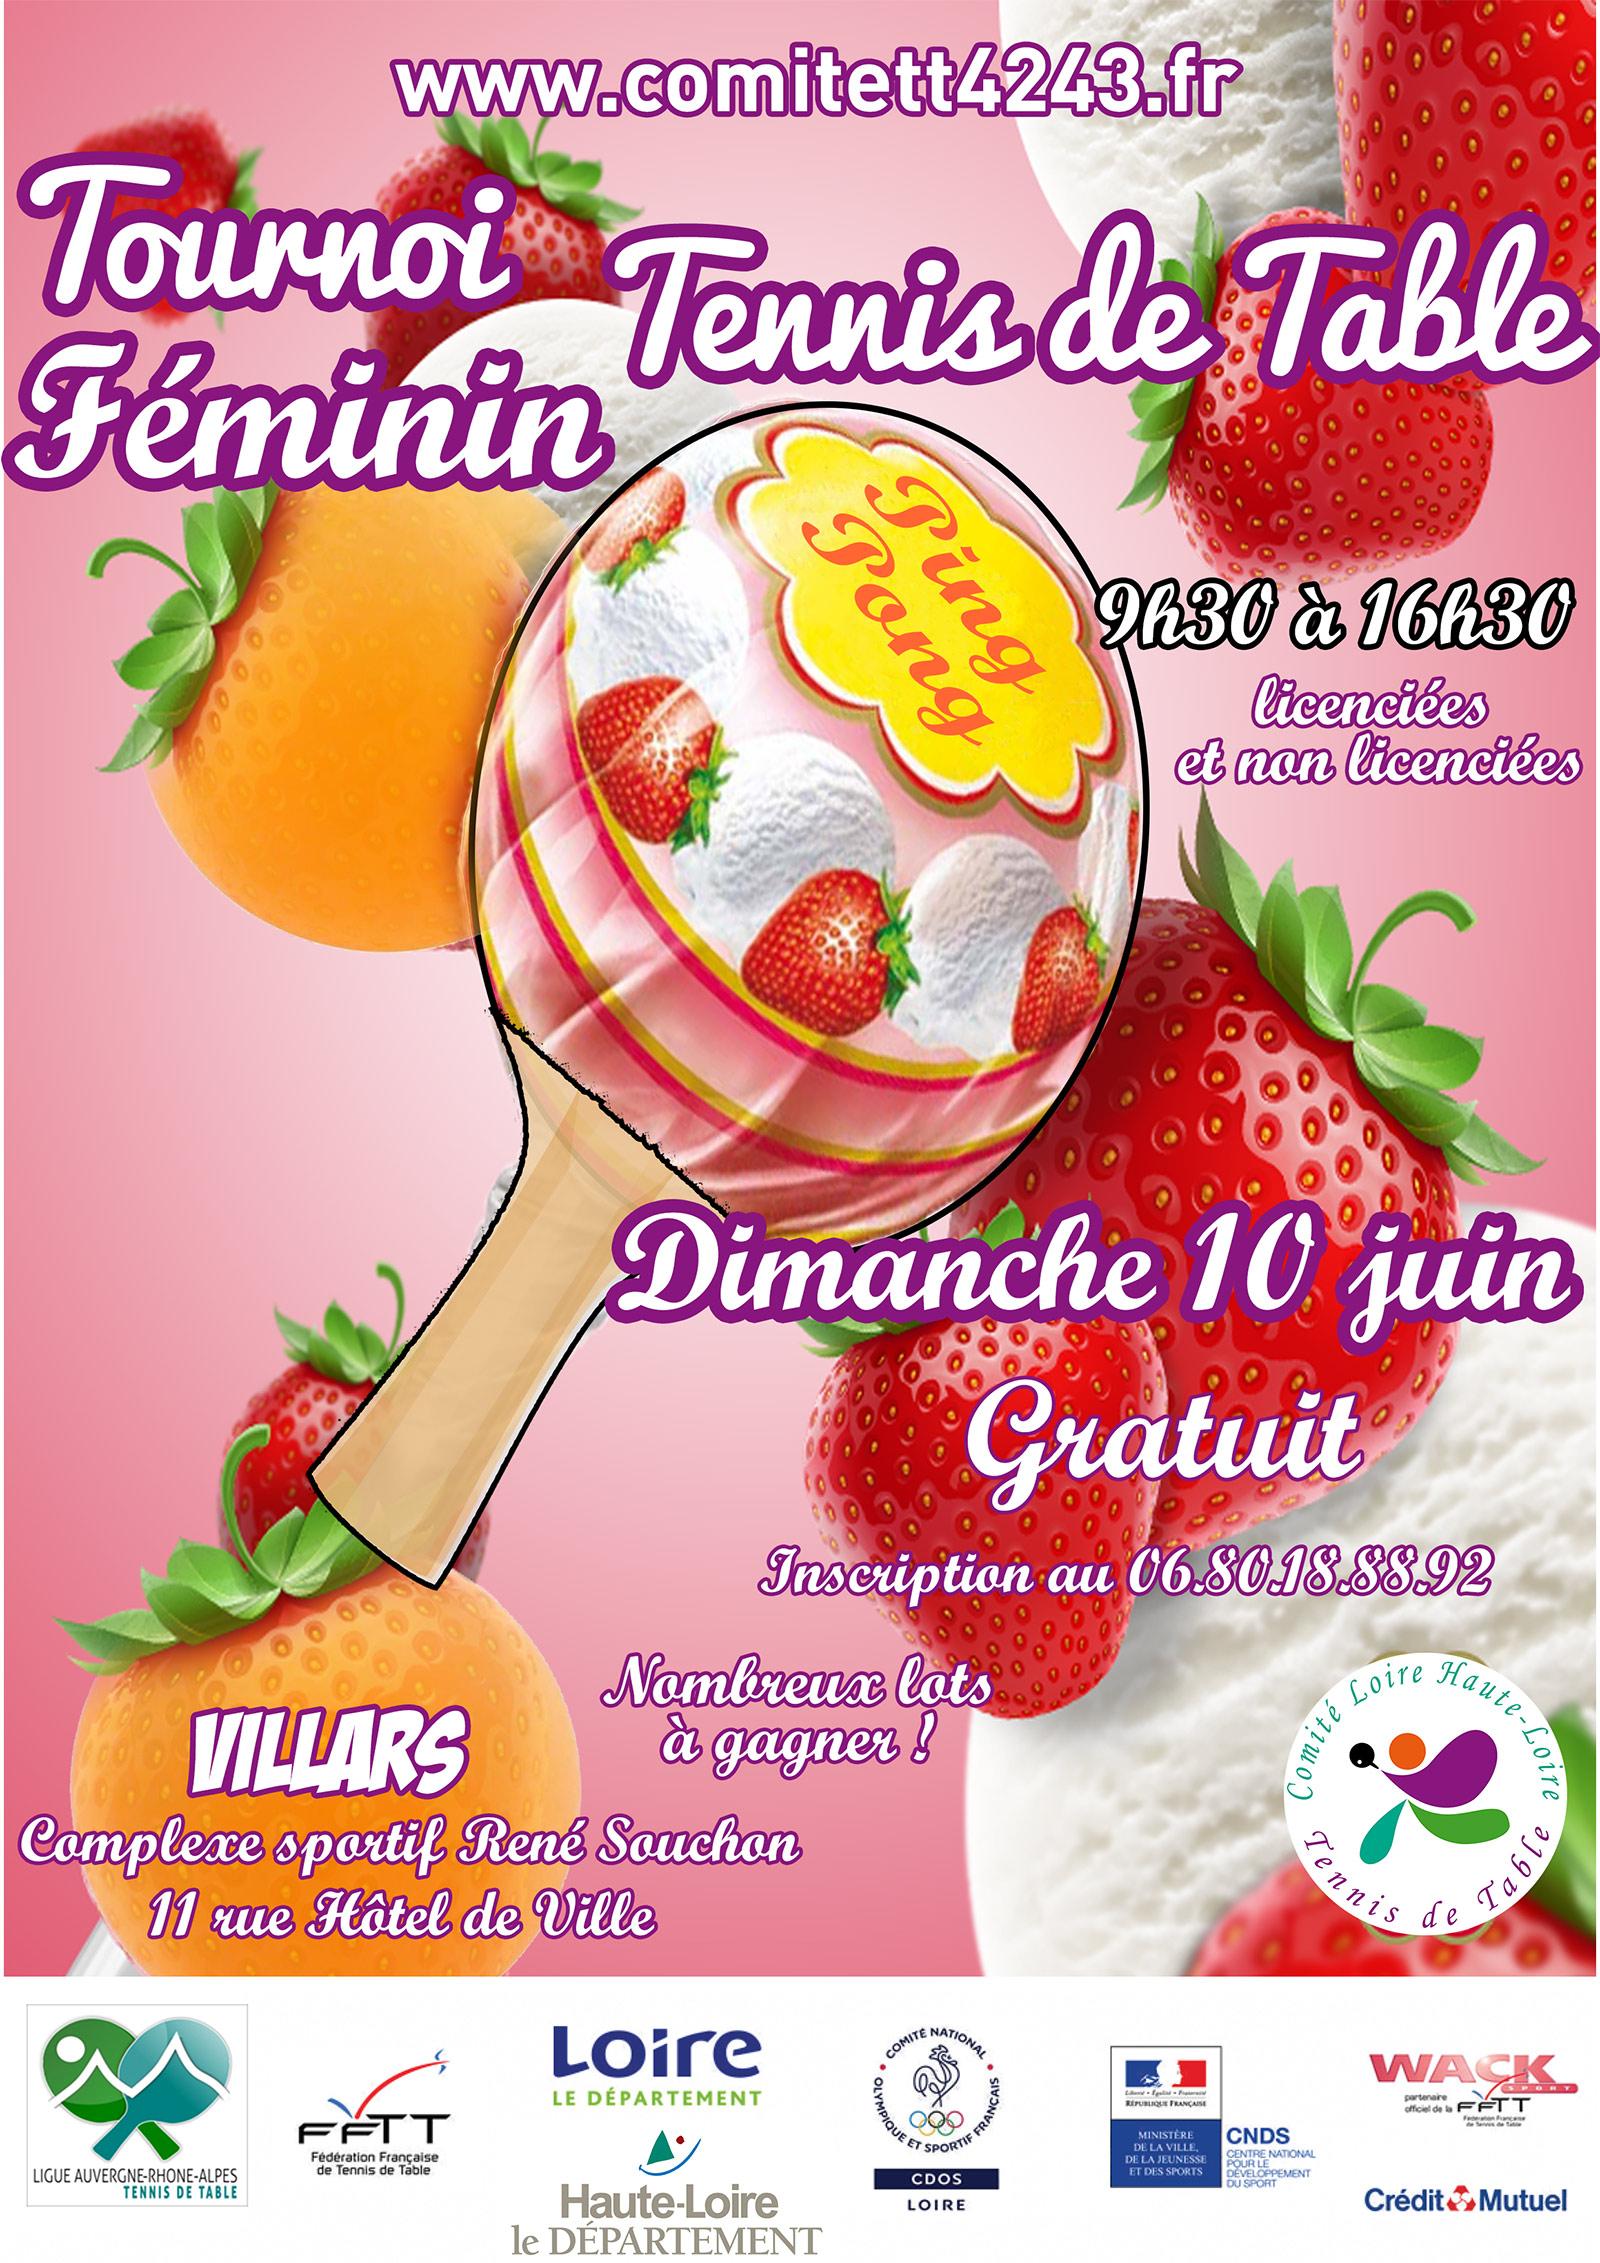 Tournoi Feminin Du Comite Loire Haute Loire De Tennis De Table